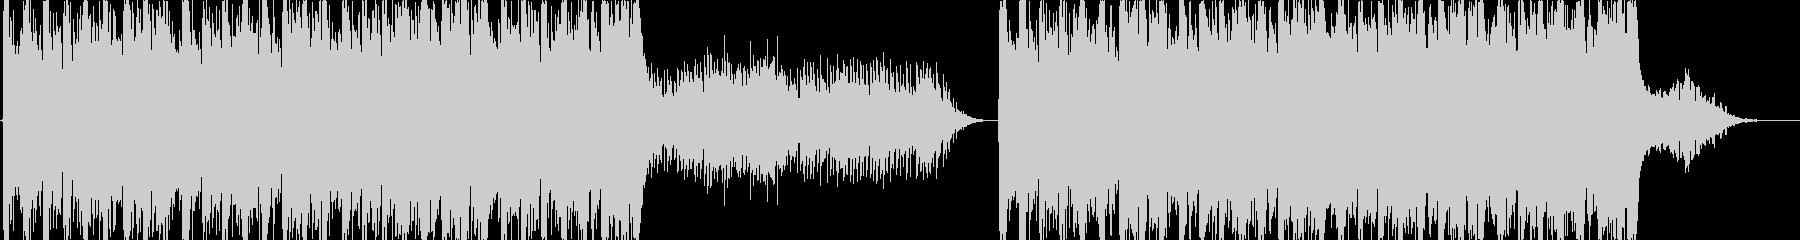 幻想的で雄大なストリングス-短縮版-の未再生の波形